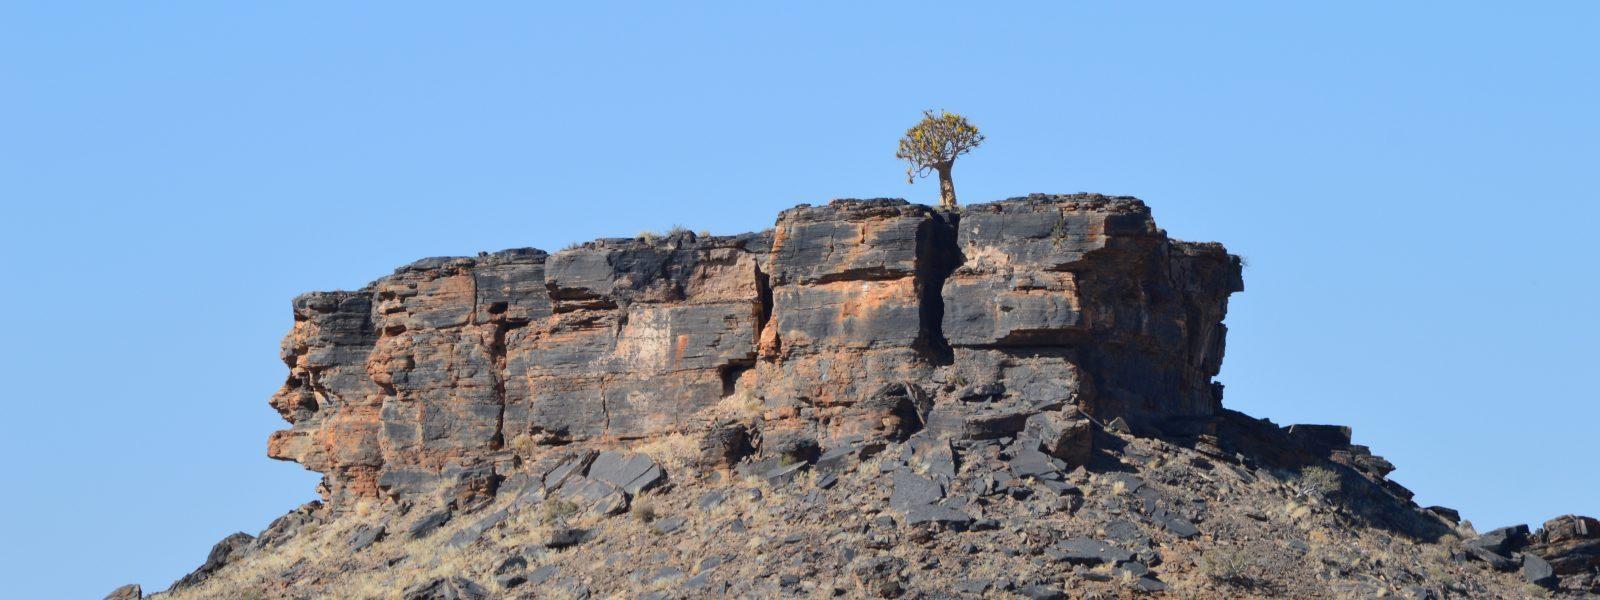 Namibia Geology